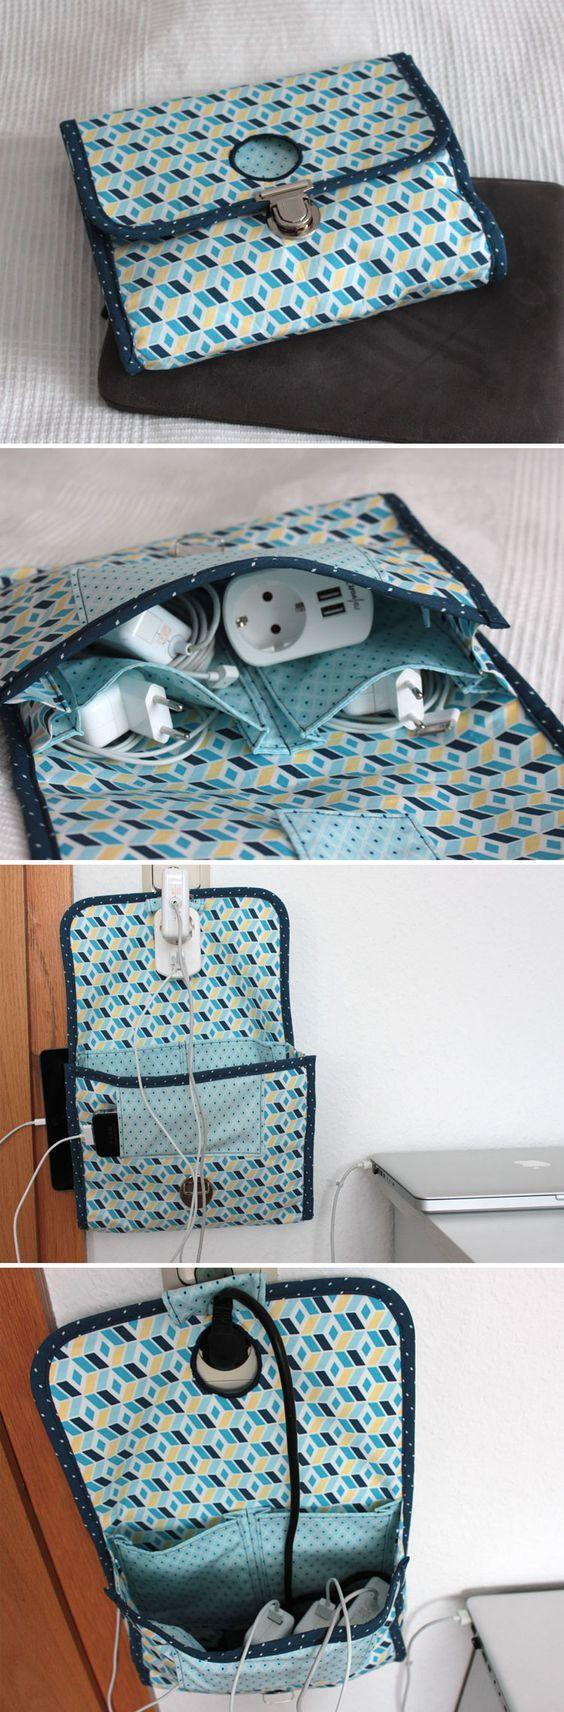 Kabeltasche - Marks perfekte Reise-Kabeltasche/Tasche für Kabel und Ladegeräte - Das ist meine Vorstellung einer perfekten Lösung für den Kabelsalat auf Reisen. Hier findet Ihr die kostenlose Anleitung, als PDF-Download/Freebie. Ich wünsche Euch viel Spaß